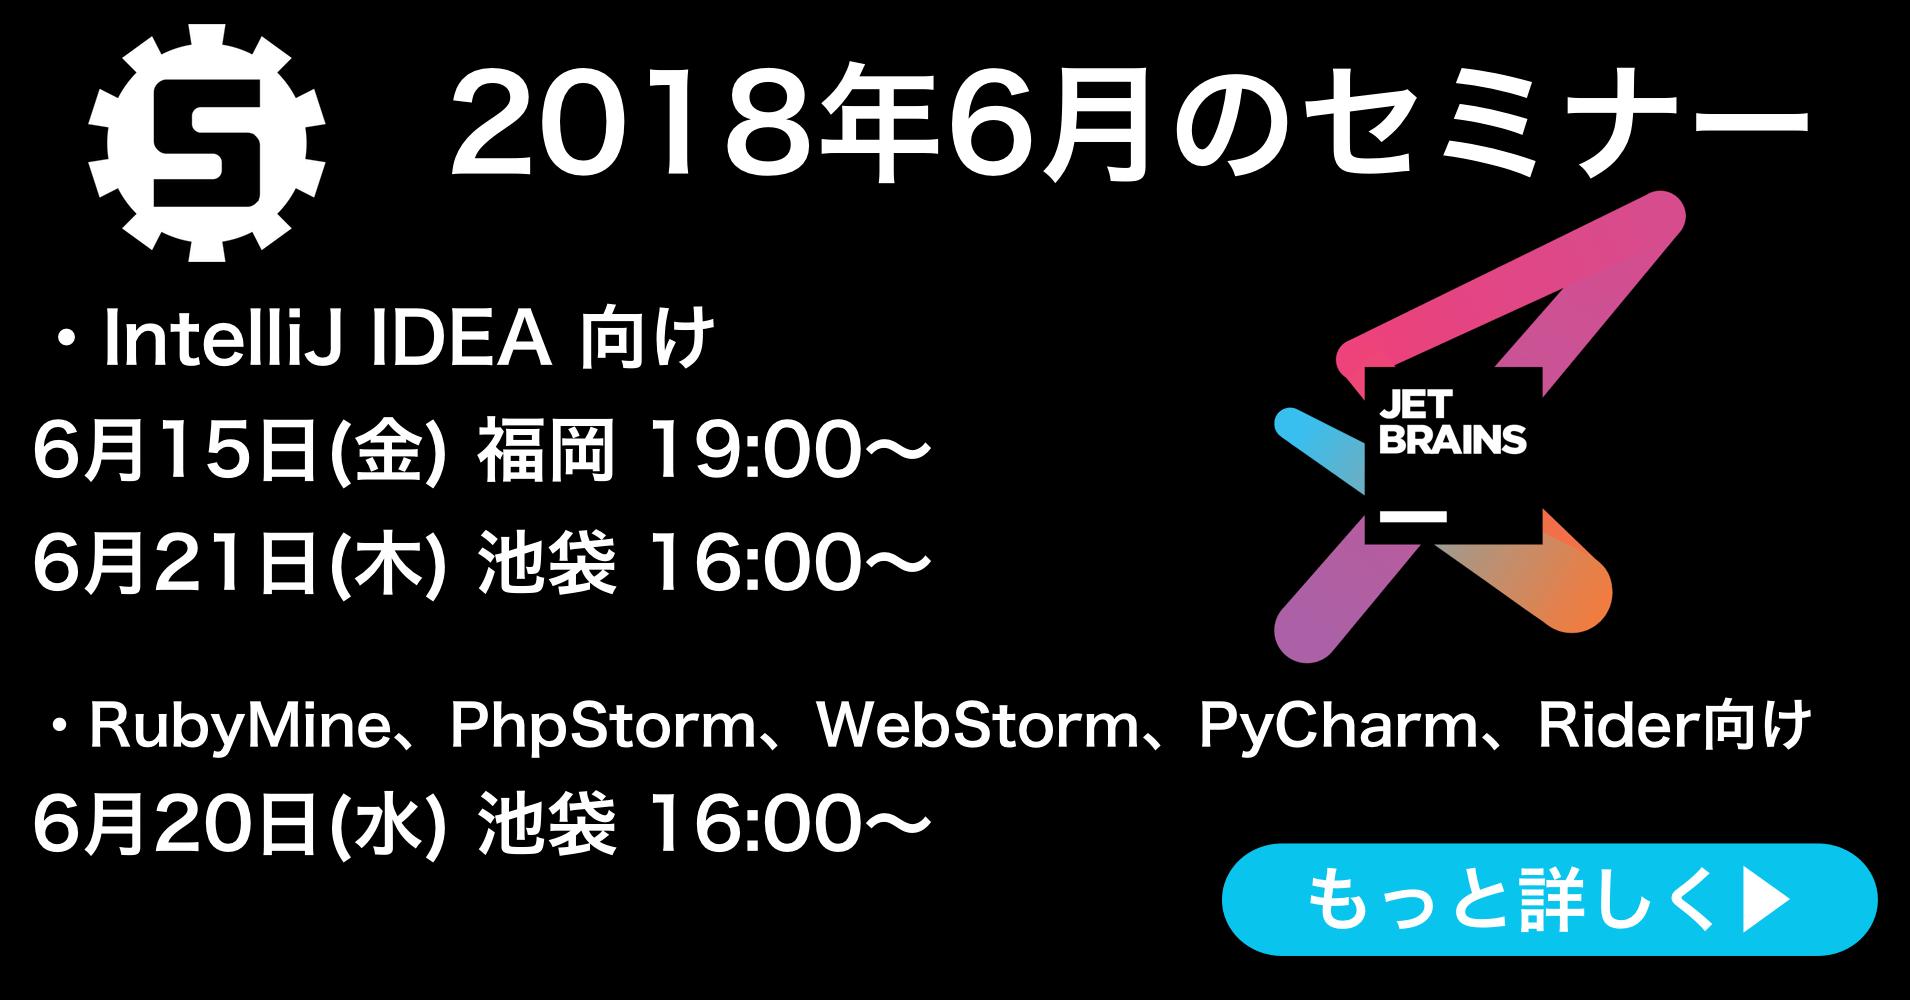 6月のJetBrains製品日本語ハンズオンセミナーの日程